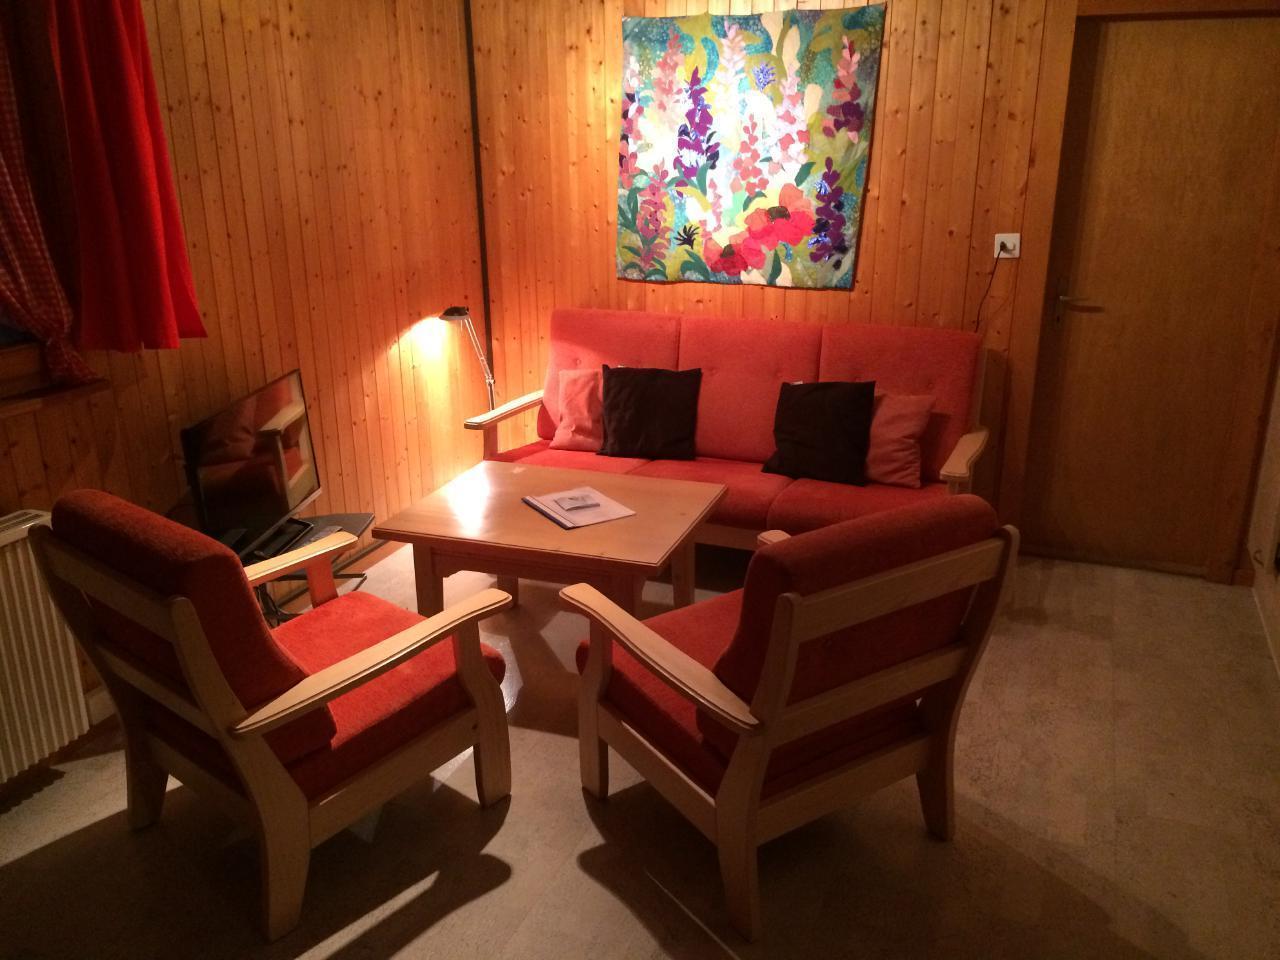 Ferienwohnung Chalet Allegra | Ferienwohnung in den Alpen (2245630), Rosswald, Brig - Simplon, Wallis, Schweiz, Bild 15